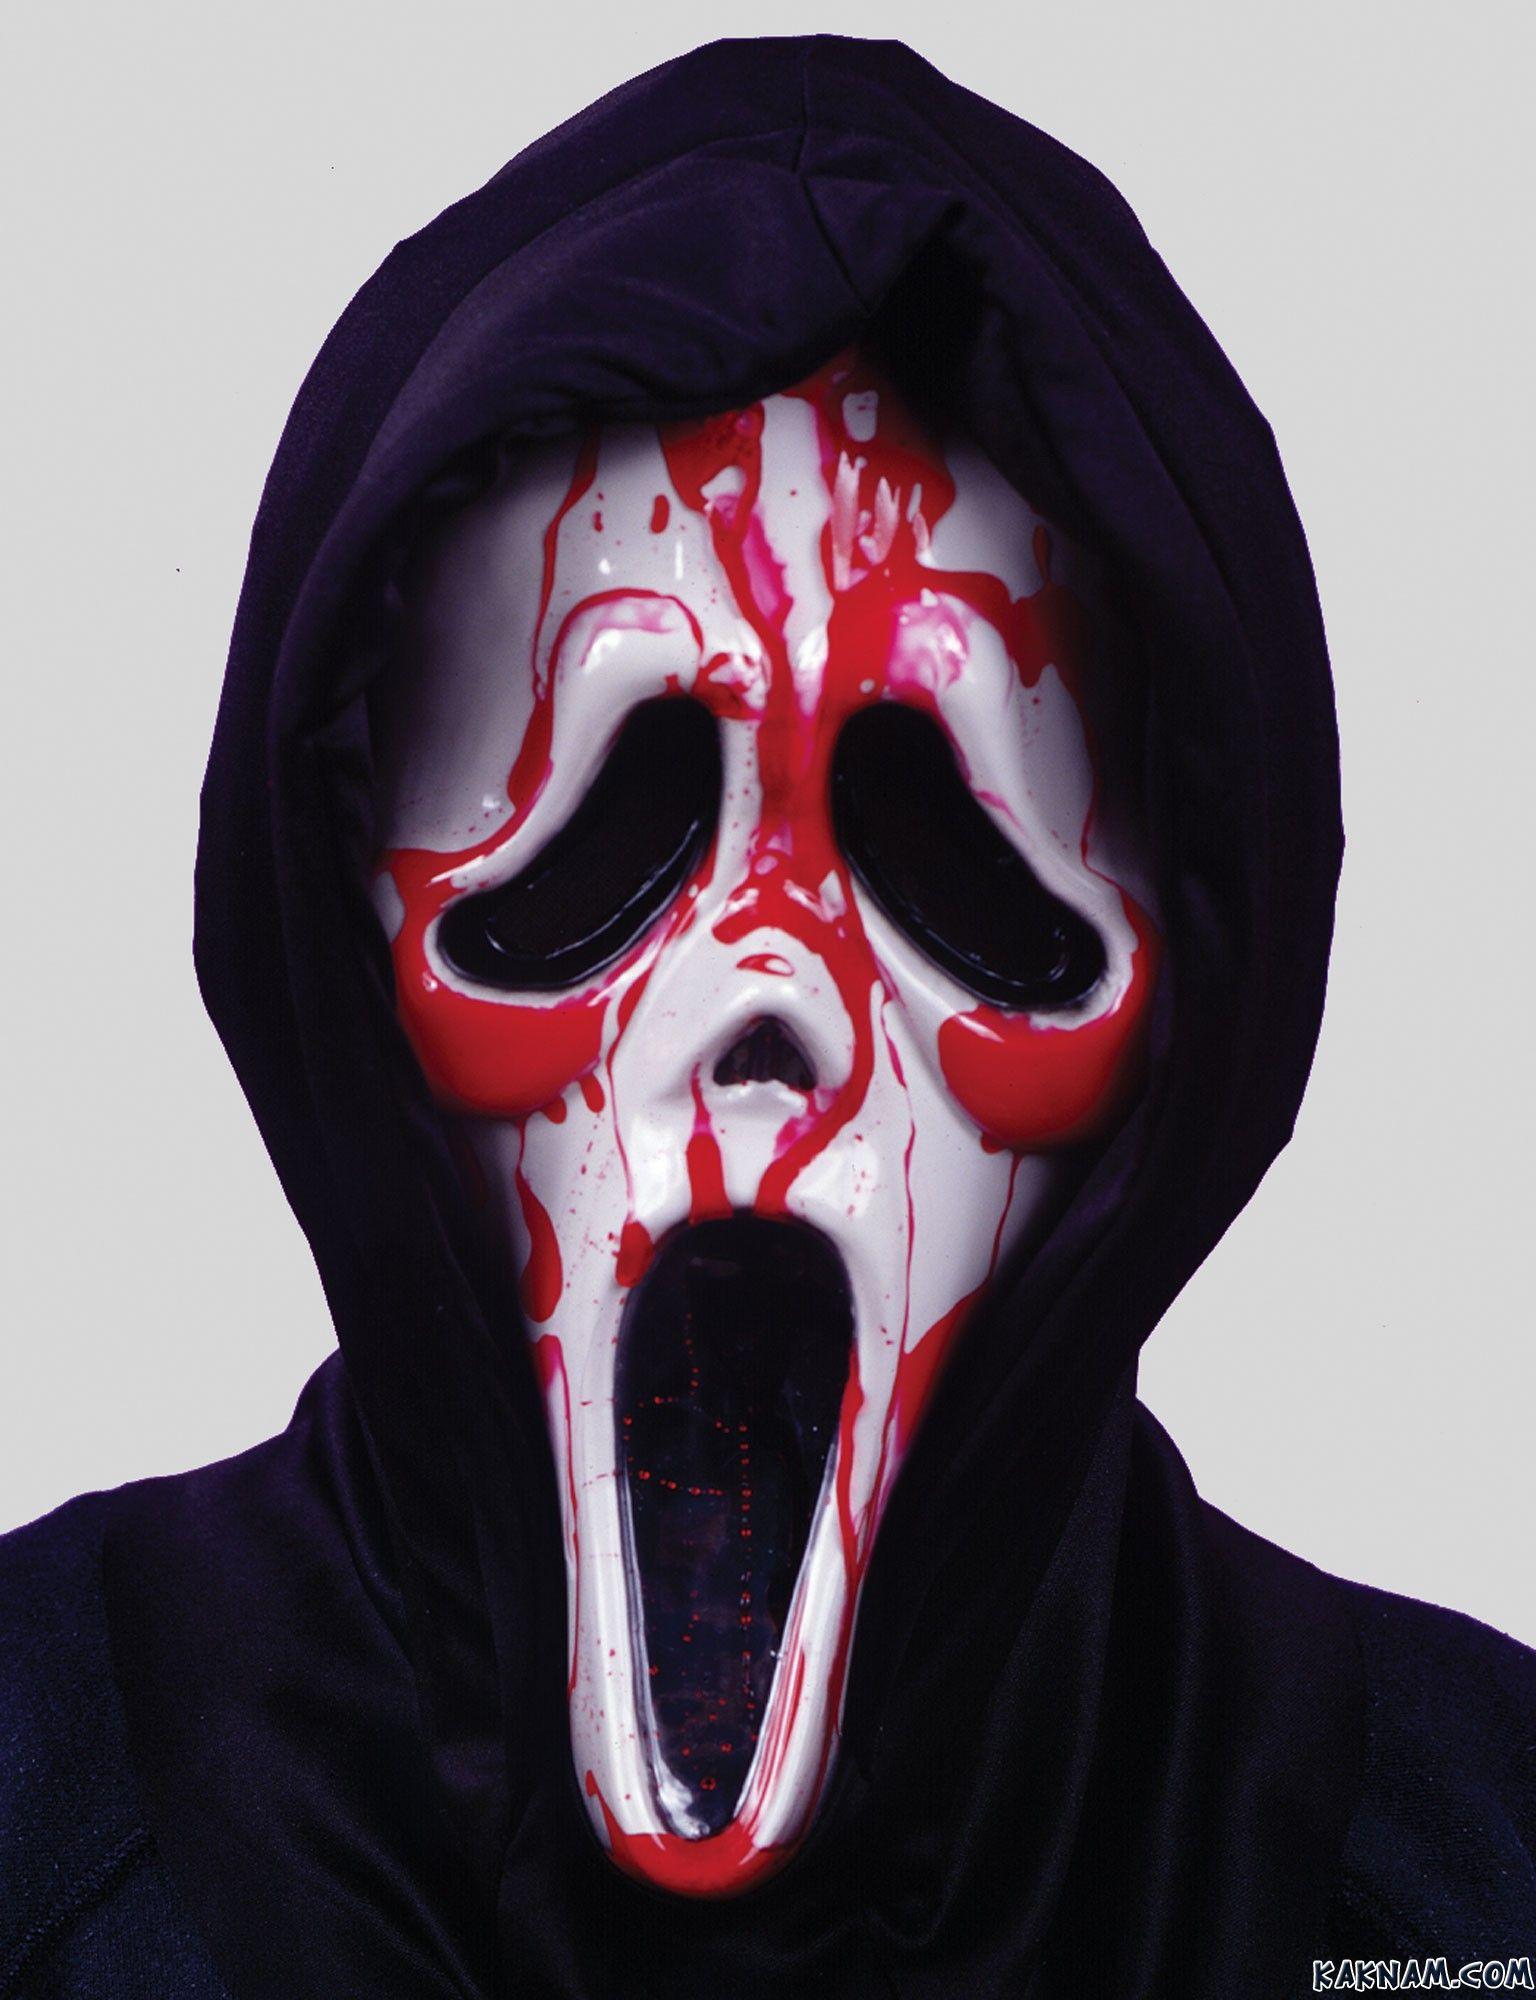 распуганный картинка маска крик многие